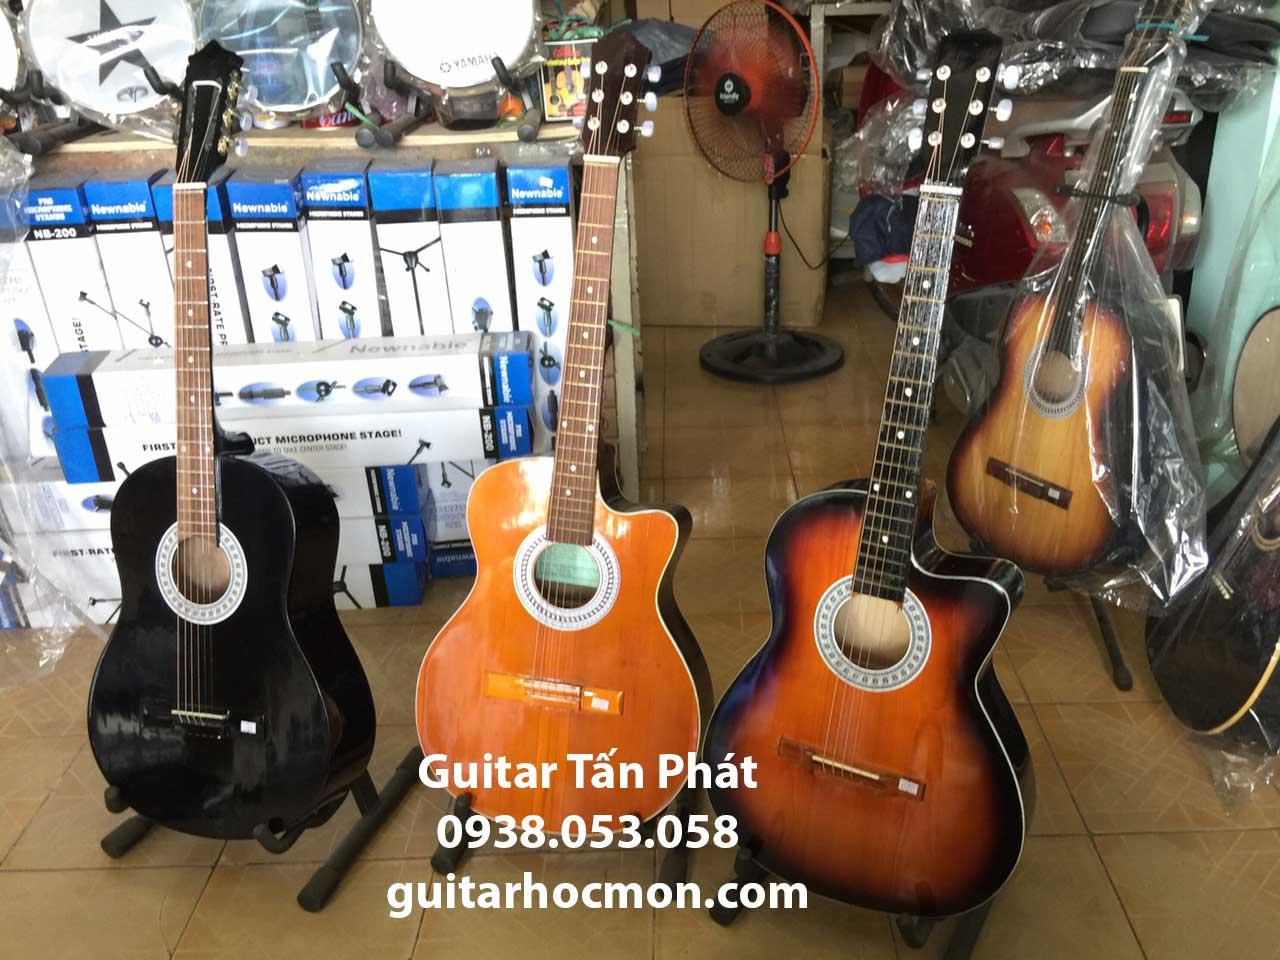 Đàn guitar giá rẻ tại Hóc Môn